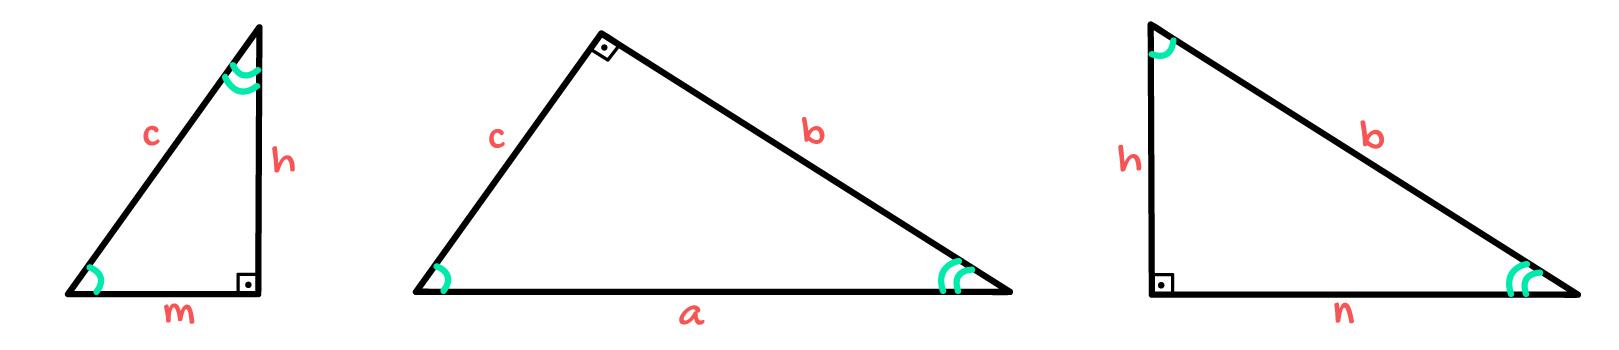 3 triângulos retângulos onde todos os ângulos são congruentes